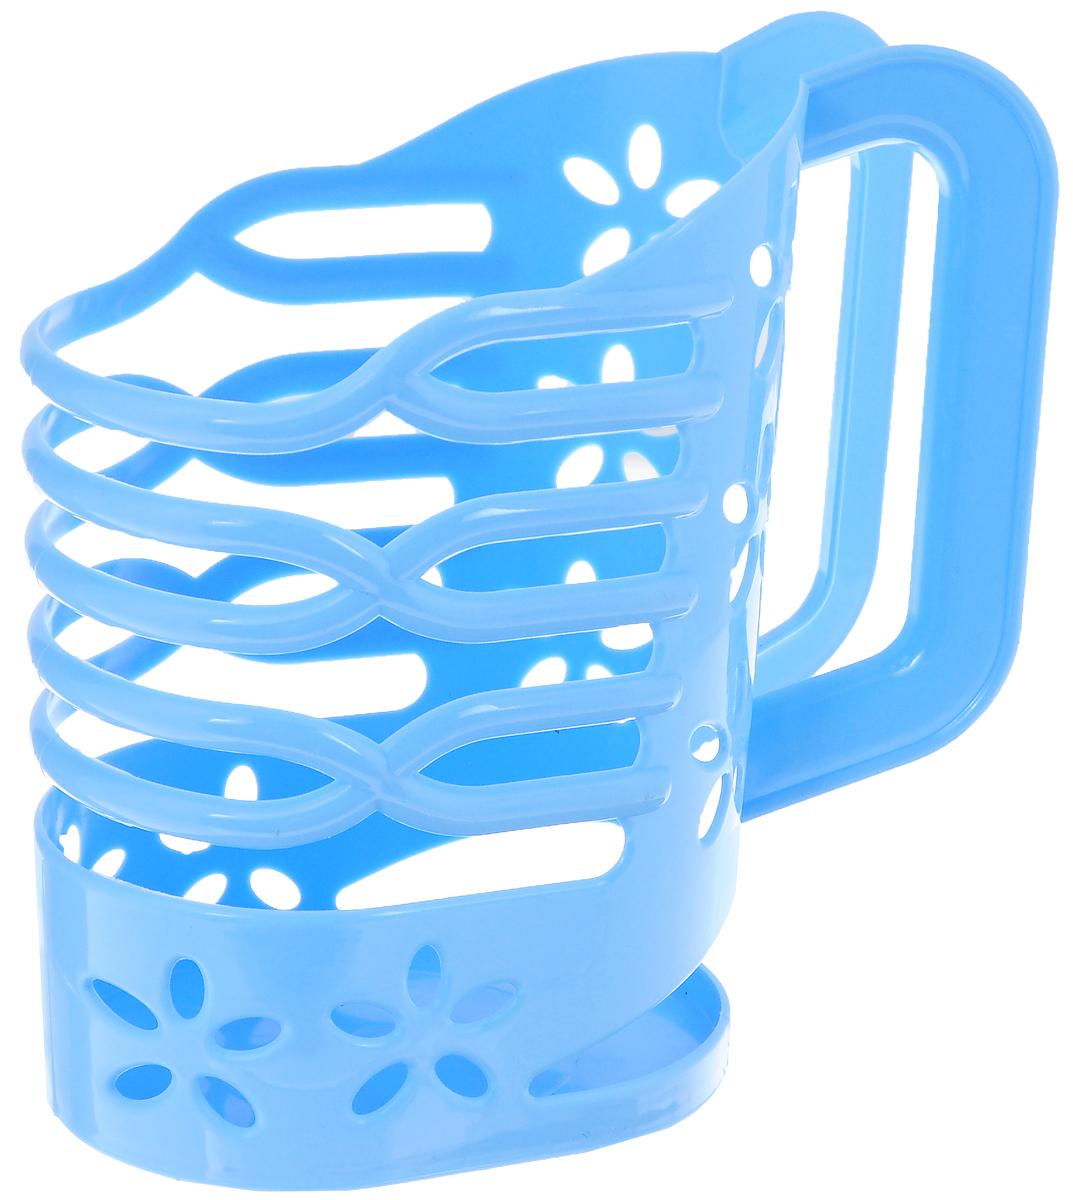 Держатель для молока Альтернатива, цвет: голубой, 1 лM1667_голубойДержатель для молока Альтернатива изготовлен из высококачественного прочного пластика. Изделие предназначено для хранения пакета с молоком, кефиром и другими напитками. Держатель способен подстраиваться под размер пакета и снабжен удобной ручкой. Держатель для молока Альтернатива станет незаменимым аксессуаром на любой современной кухне.Предназначен для молочных пакетов объемом: 1 л.